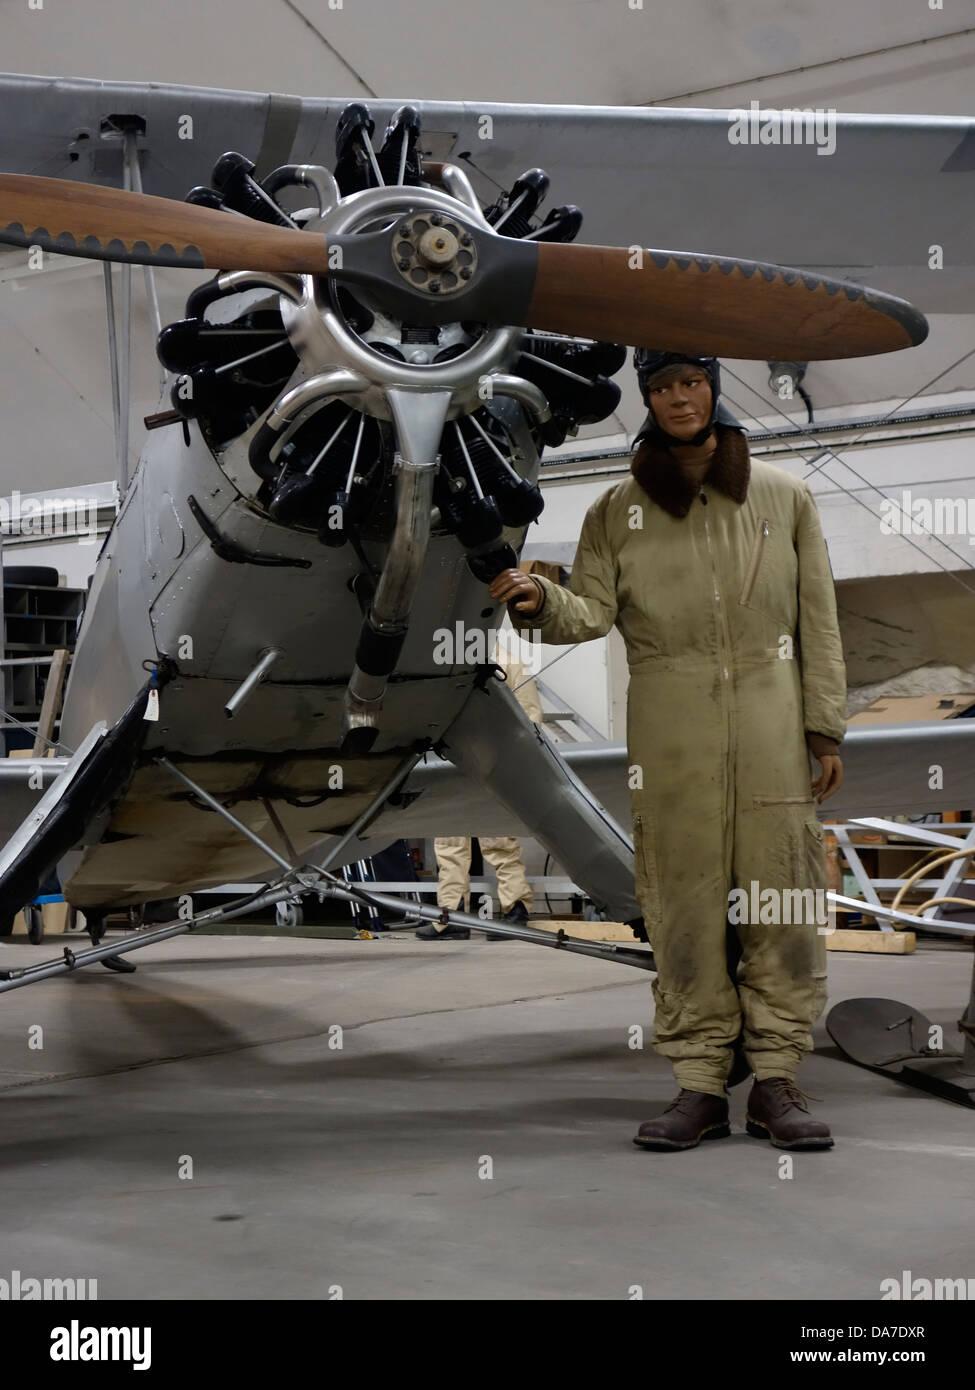 Modello fittizio aviatore e vecchio biplano tedesco macchina con Siemens-Halske Sh 14 motore radiale. Immagini Stock